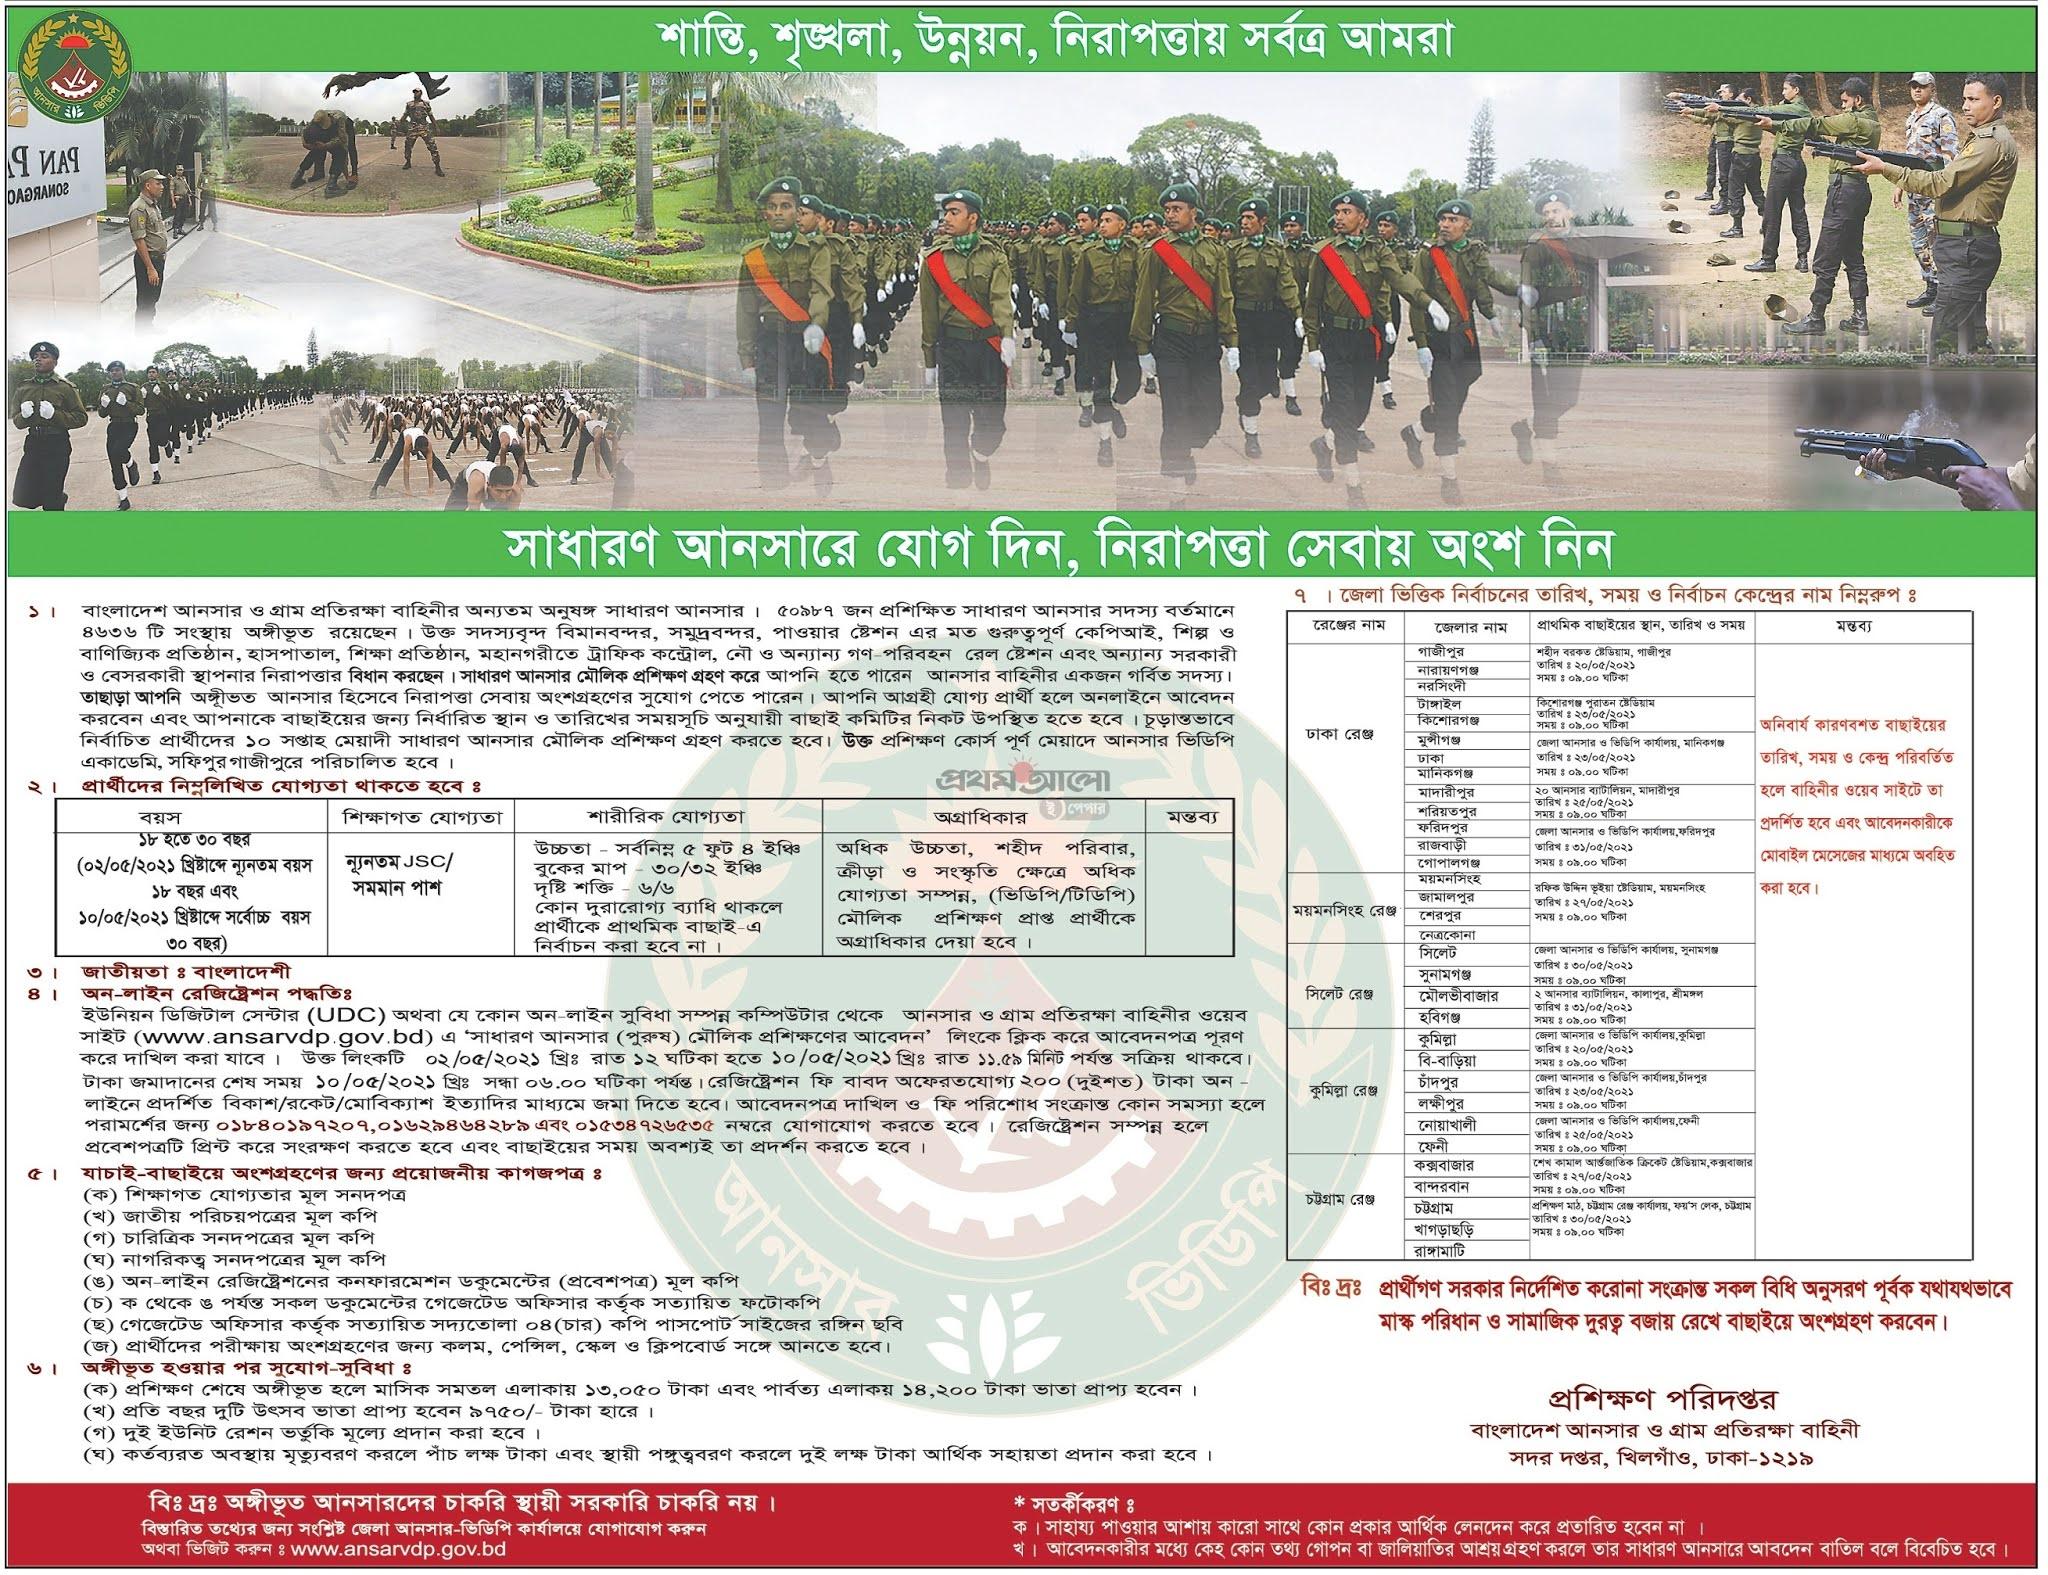 আনসার ভিডিপি বাহিনীতে নিয়োগ বিজ্ঞপ্তি ২০২১ Ansar VDP Job Circular 2021